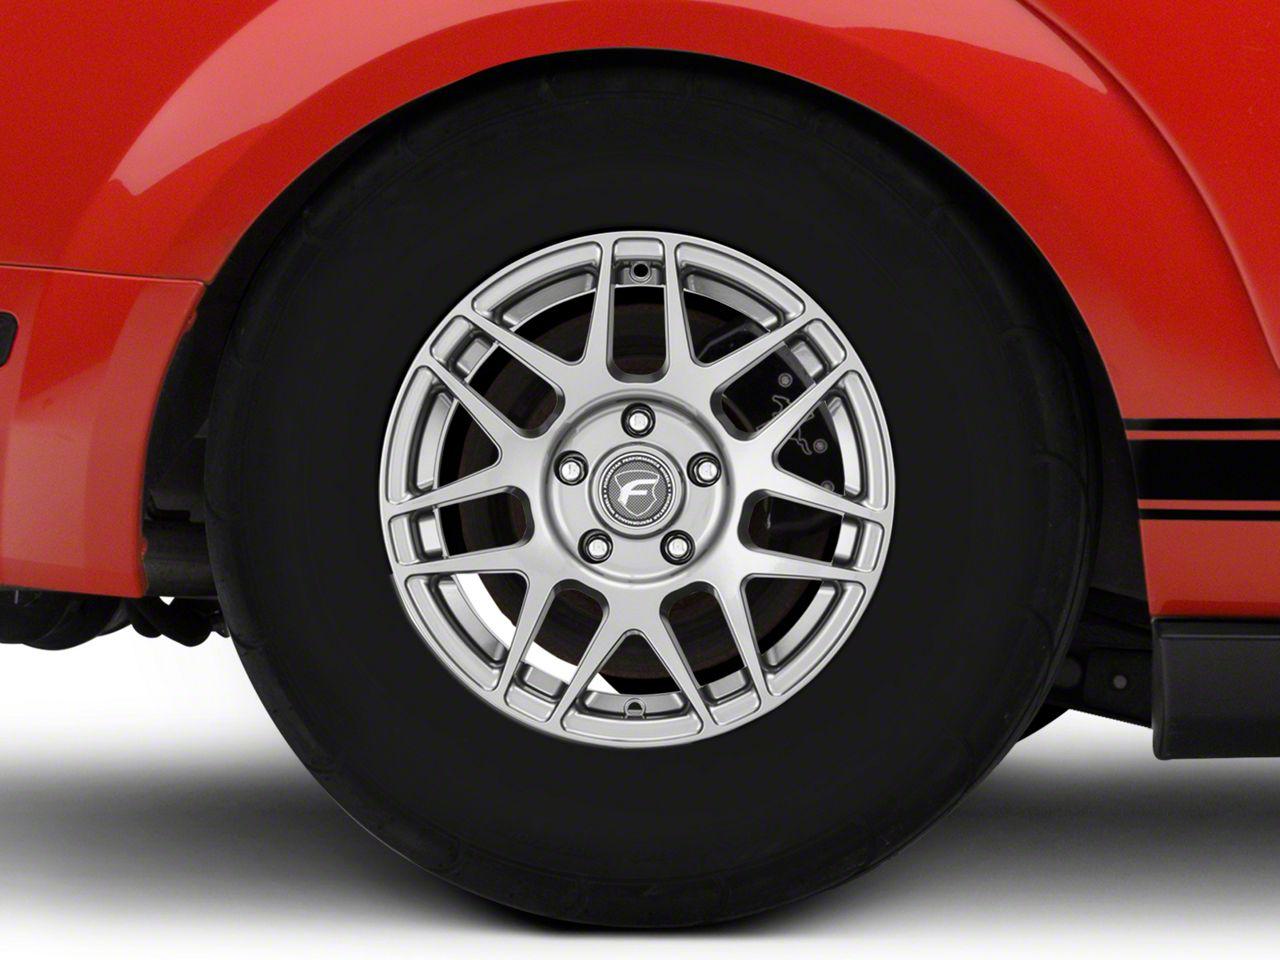 Forgestar F14 Drag Edition Gunmetal Wheel - 15x8 - Rear Only (05-14 All)